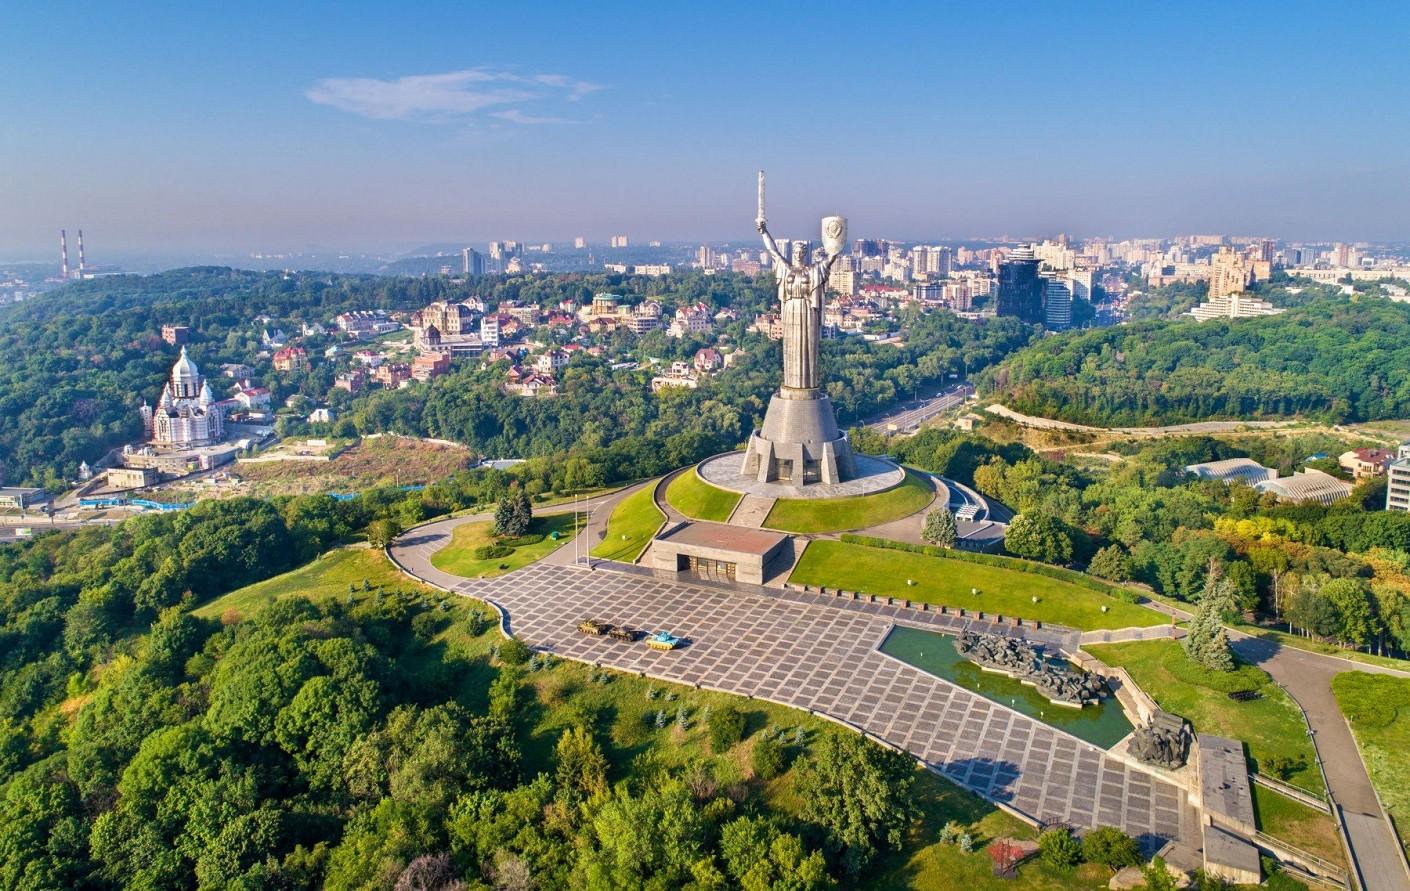 Ką verta žinoti prieš vykstant į Kijevą?